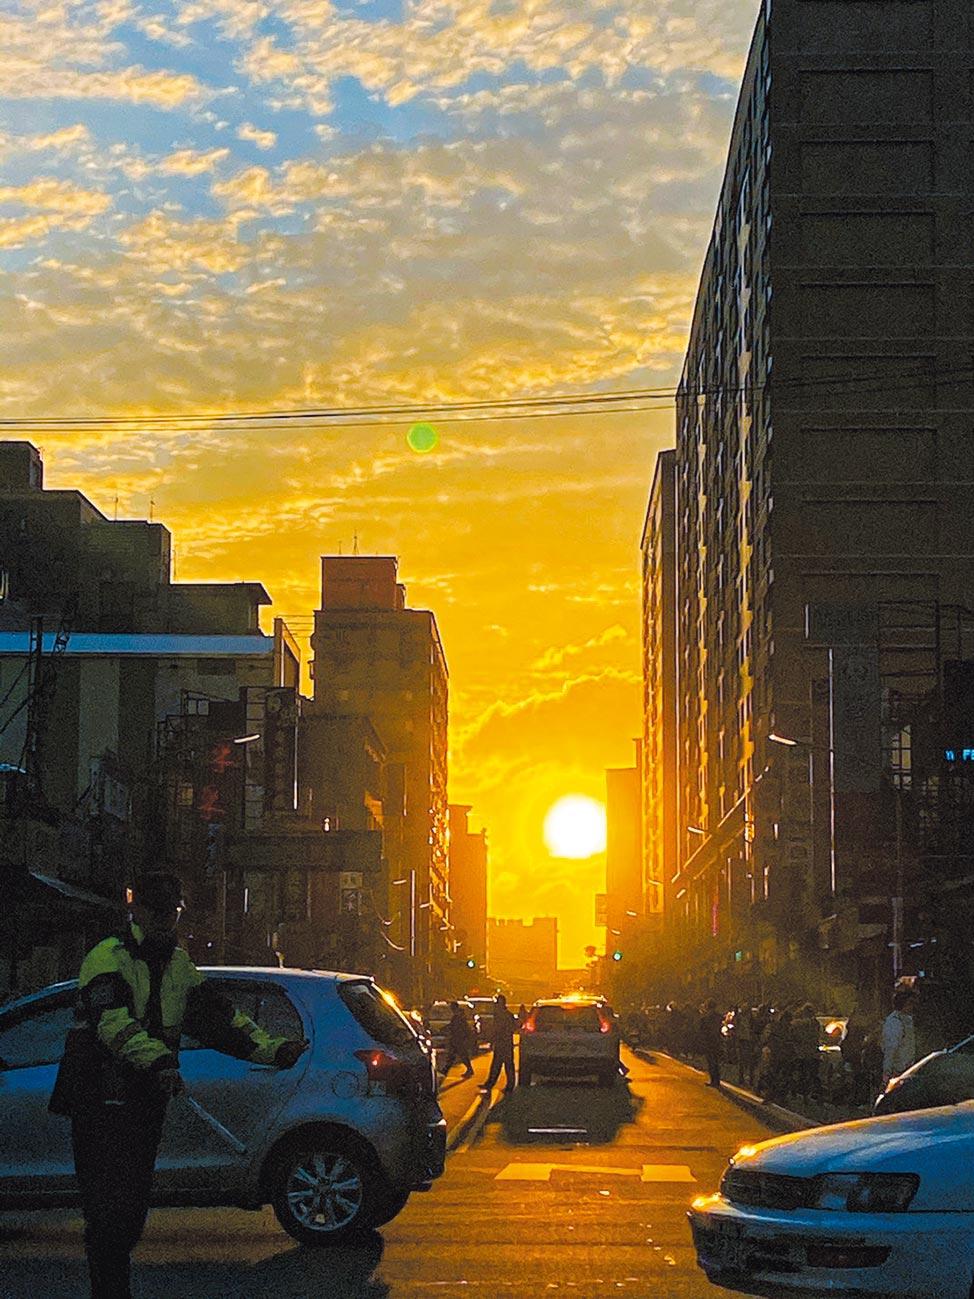 絕美「曼哈頓懸日」26日到29日在桃園區南平路上演,首日吸引逾300民眾爭相搶拍,與車爭道險象環生,桃警出動18名警力疏導交通。(蔡依珍攝)